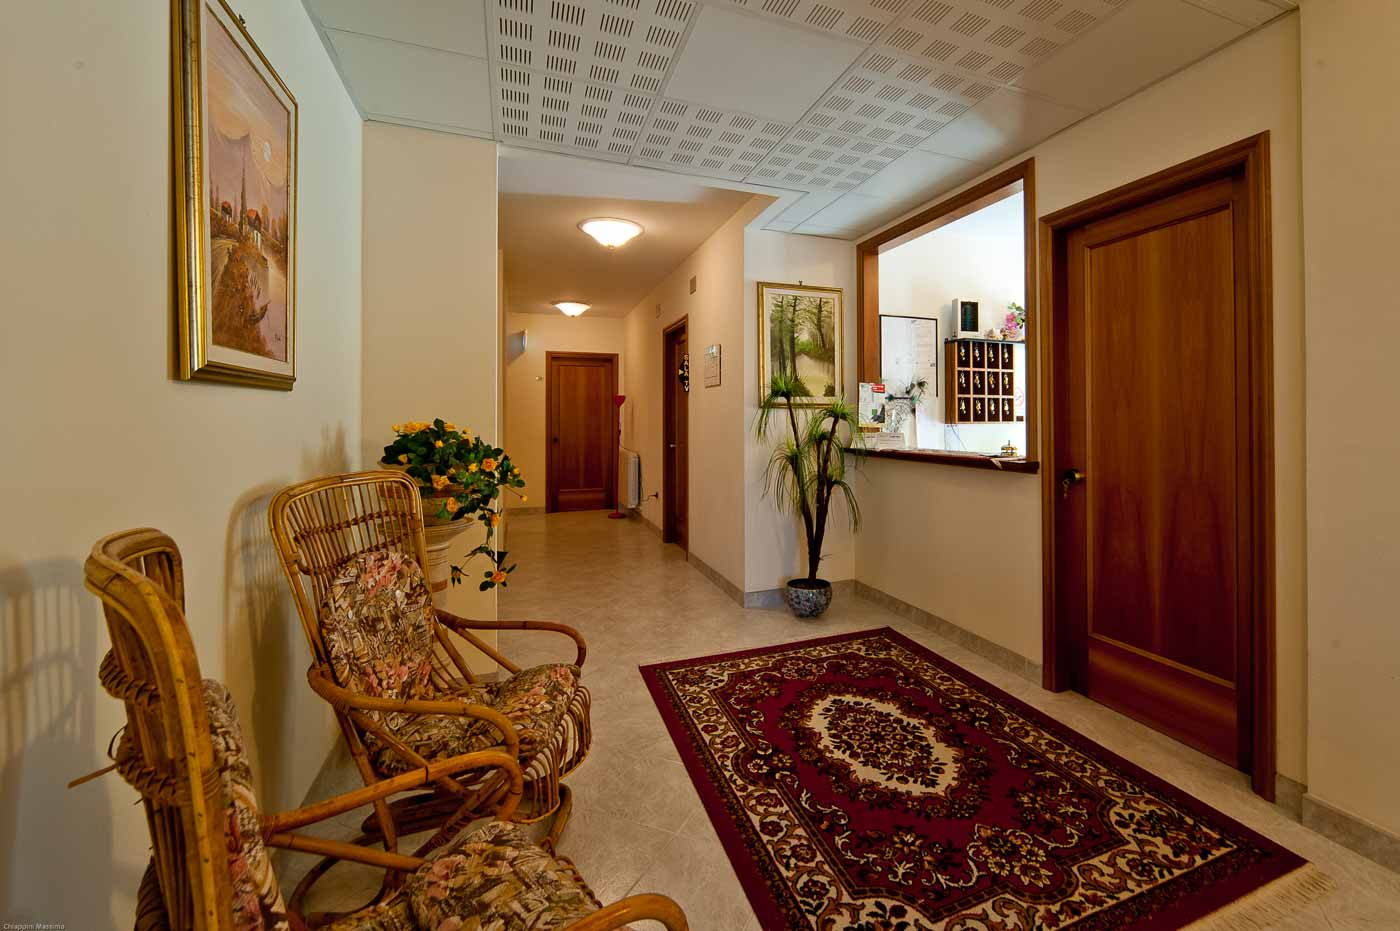 http://www.casciahotelscogliorosa.it/hotelcascia/wp-content/uploads/2014/06/camere-hotel-cascia-04.jpg